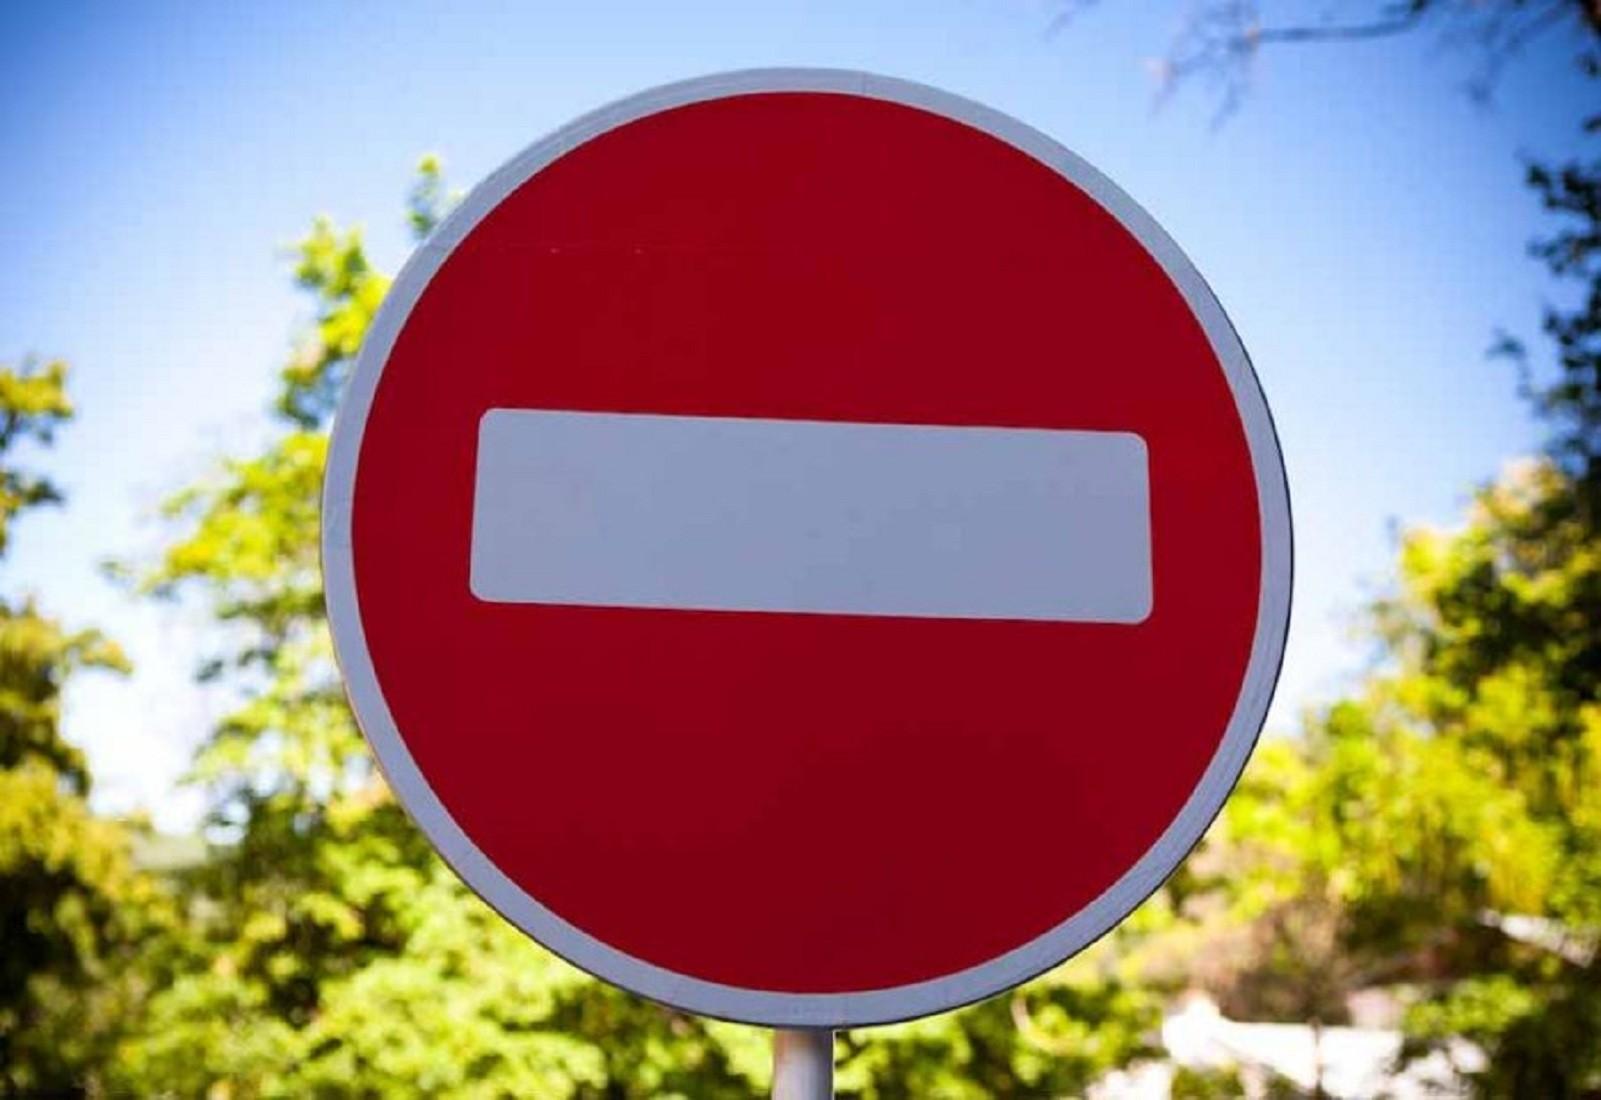 В Курске из-за ремонта теплосети перекрывают движение по нескольким улицам